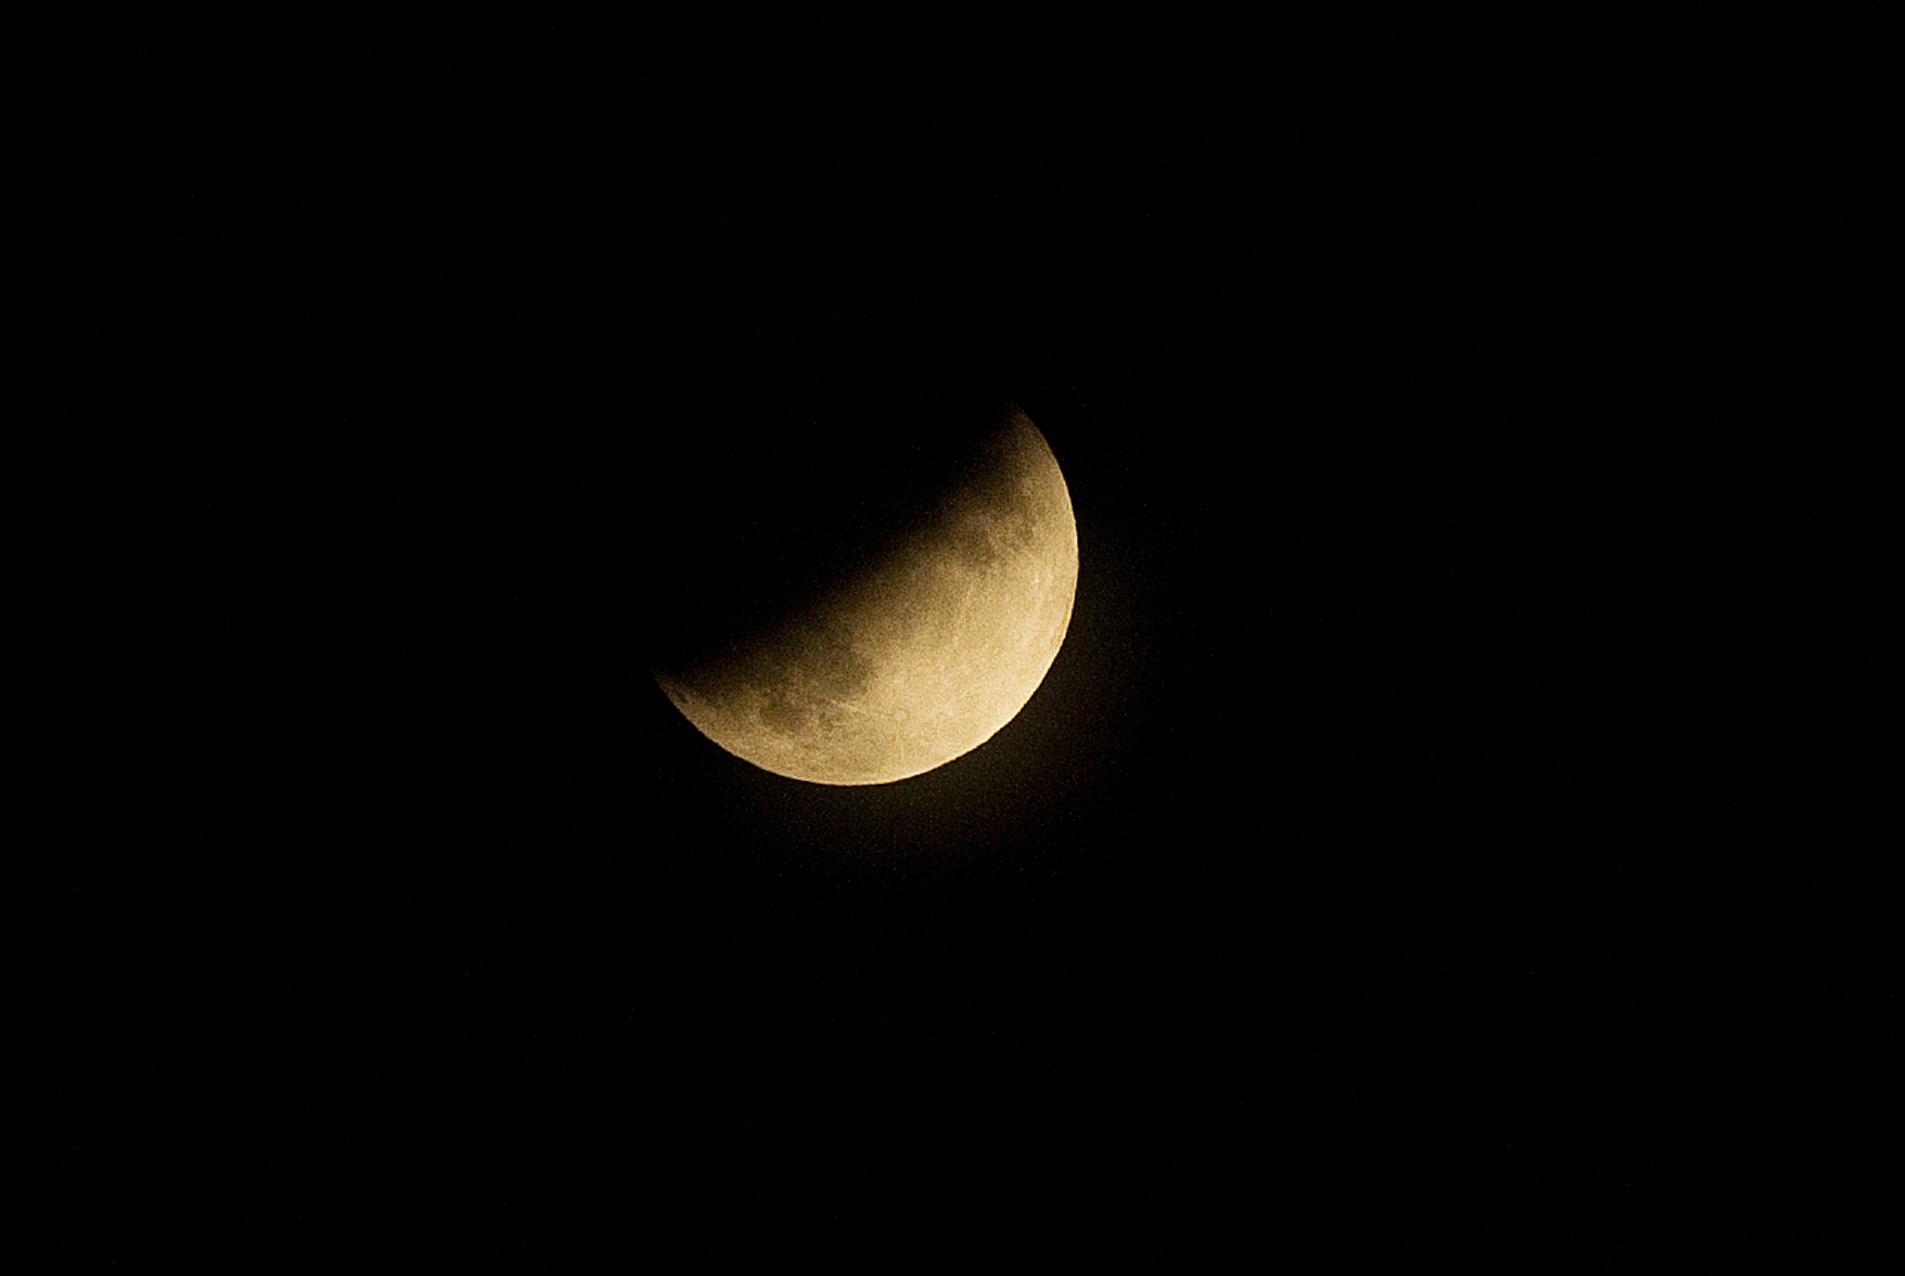 月食_c0051132_22552744.jpg